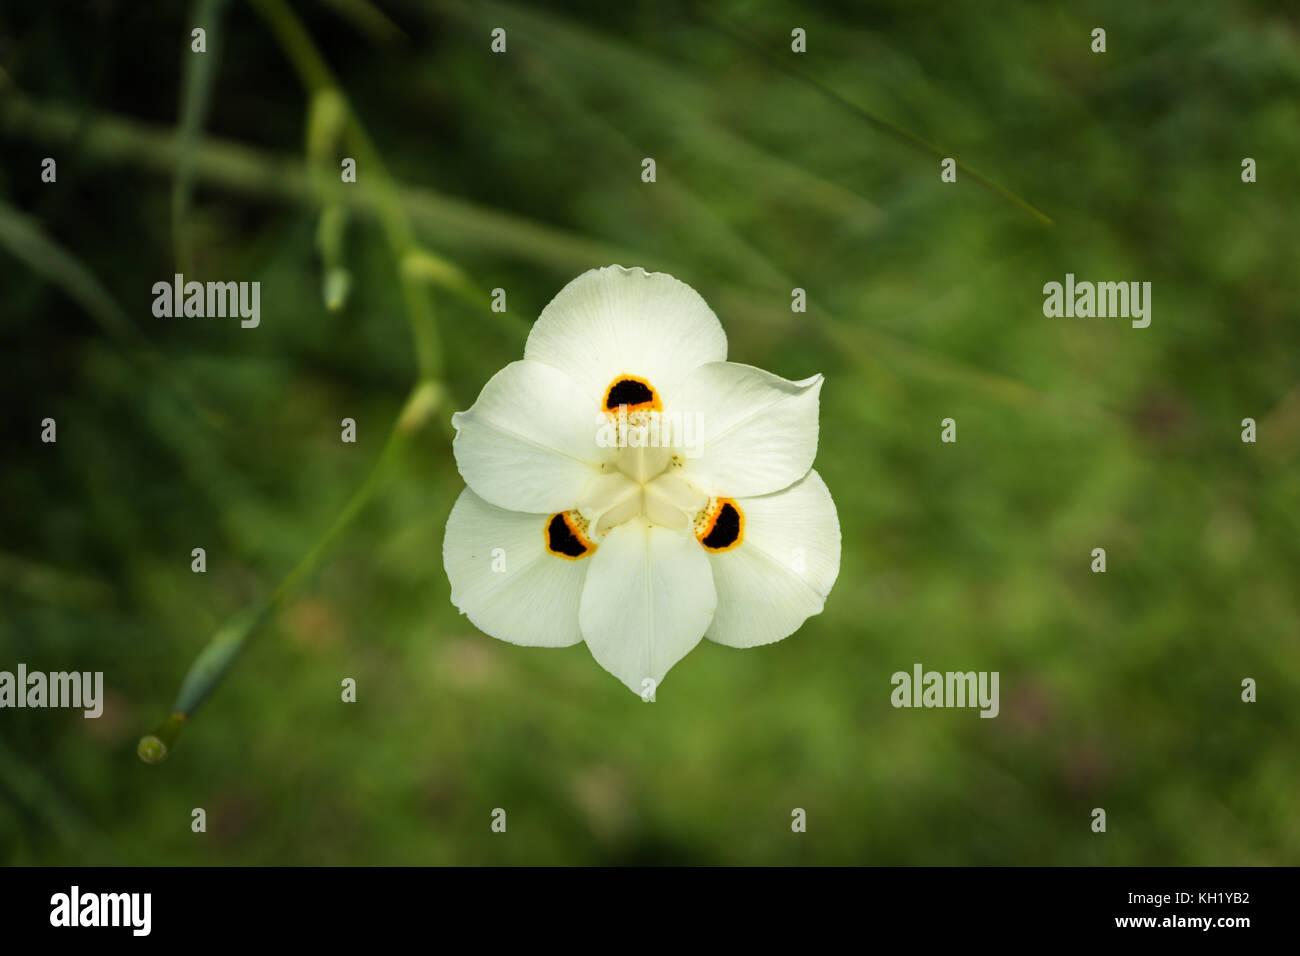 Blanca exótica flor salvaje en Indonesia, ambiente tropical Imagen De Stock